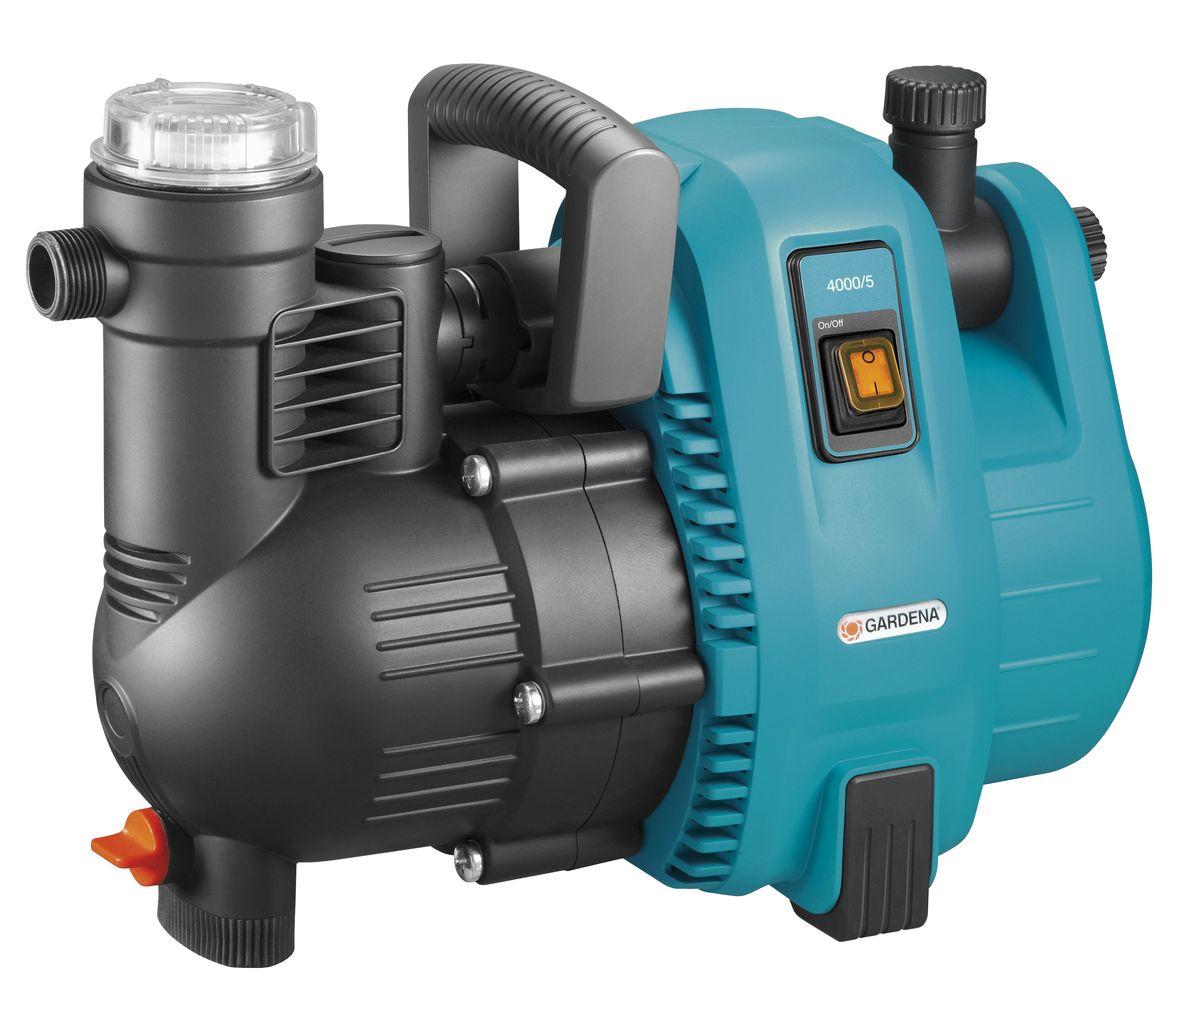 Насос садовый Gardena 4000/5 Comfort01732-20.000.00Садовый насос 4000/5 характеризуется повышенным удобством и минимальным уровнем шума при использовании в саду или дома. Высокая мощность всасывания и способность выдерживать высокое давление делает насос идеальным инструментом для полива, повышения давления, передачи или откачки водопроводной воды, дождевой воды или хлорированной воды бассейна. Встроенный фильтр предварительной очистки гарантирует бесперебойную работу насоса. Наличие двух выходов (один из которых откидной) позволяет подключать и использовать одновременно два поливочных инструмента. Насос прост и удобен в использовании. Широкое заливочное горло упрощает наполнение насоса перед первым использованием, а эргономичная ручка обеспечивает удобство транспортировки. Резиновые опоры обеспечивают устойчивость насоса, а также бесшумную эксплуатацию практически без вибраций. В преддверии морозной погоды насос легко опорожняется с помощью дренажной резьбовой пробки. Для увеличения срока службы продукции компания GARDENA использует материалы только высокого качества. Наличие керамических элементов и двойного уплотнения между двигателем и рабочим колесом обеспечивает безопасность эксплуатации и защиту насоса от повреждений. Термовыключатель обеспечивает защиту двигателя от перегрузок. Примечание: Насосы GARDENA не предназначены для перекачивания соленой воды, агрессивных и легко воспламеняющихся жидкостей, а также пищевых продуктов.Максимальная производительность по нагнетанию: 4000 л/ч.Максимальное давление: 4,1 Бар. Максимальная высота самовсасывания: 8 м. Тип силового кабеля: H07 RNF.